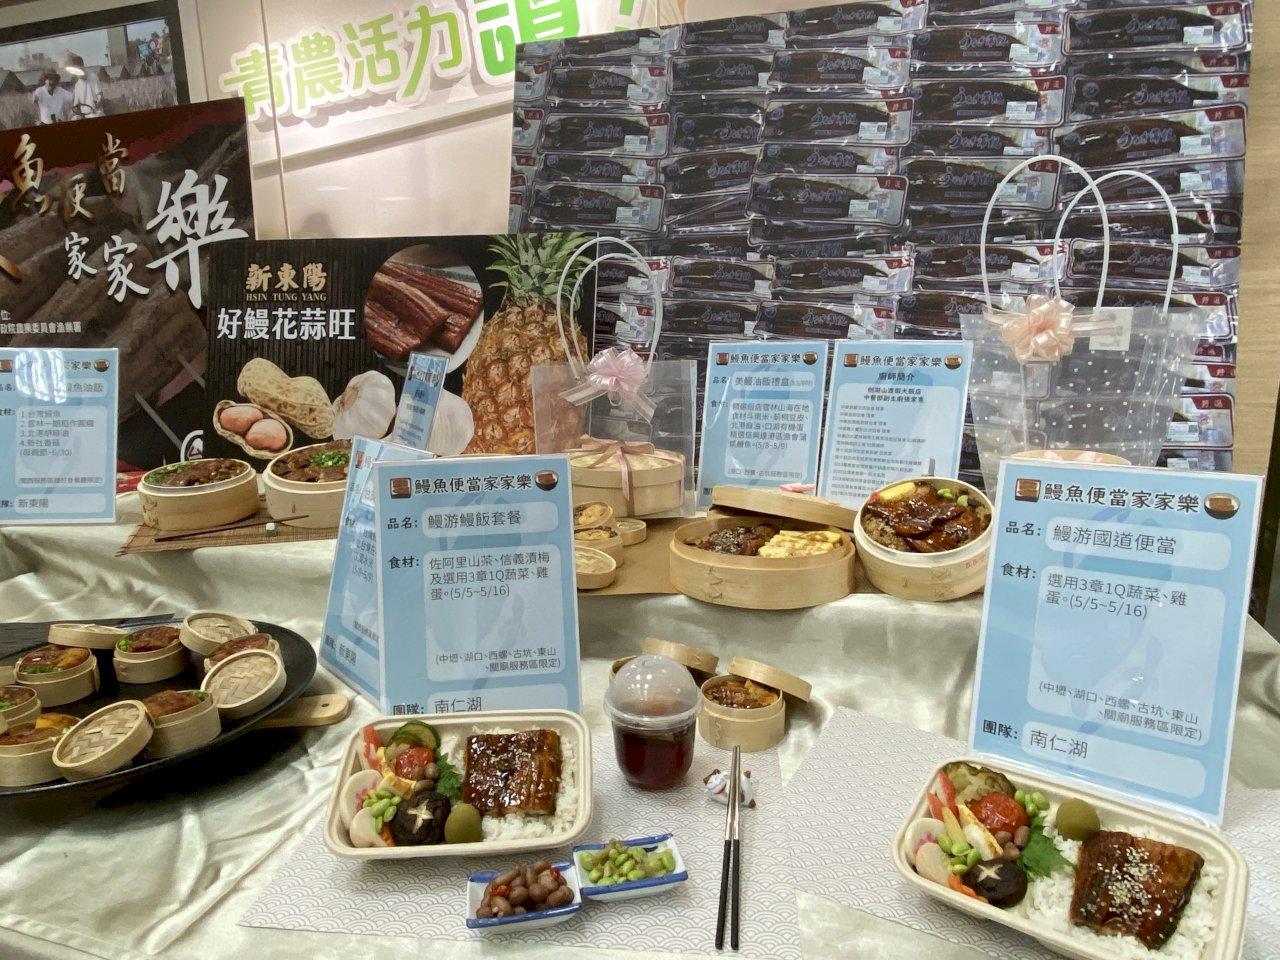 外銷日本價格跌 國產鰻魚便當親民價開賣(影音)